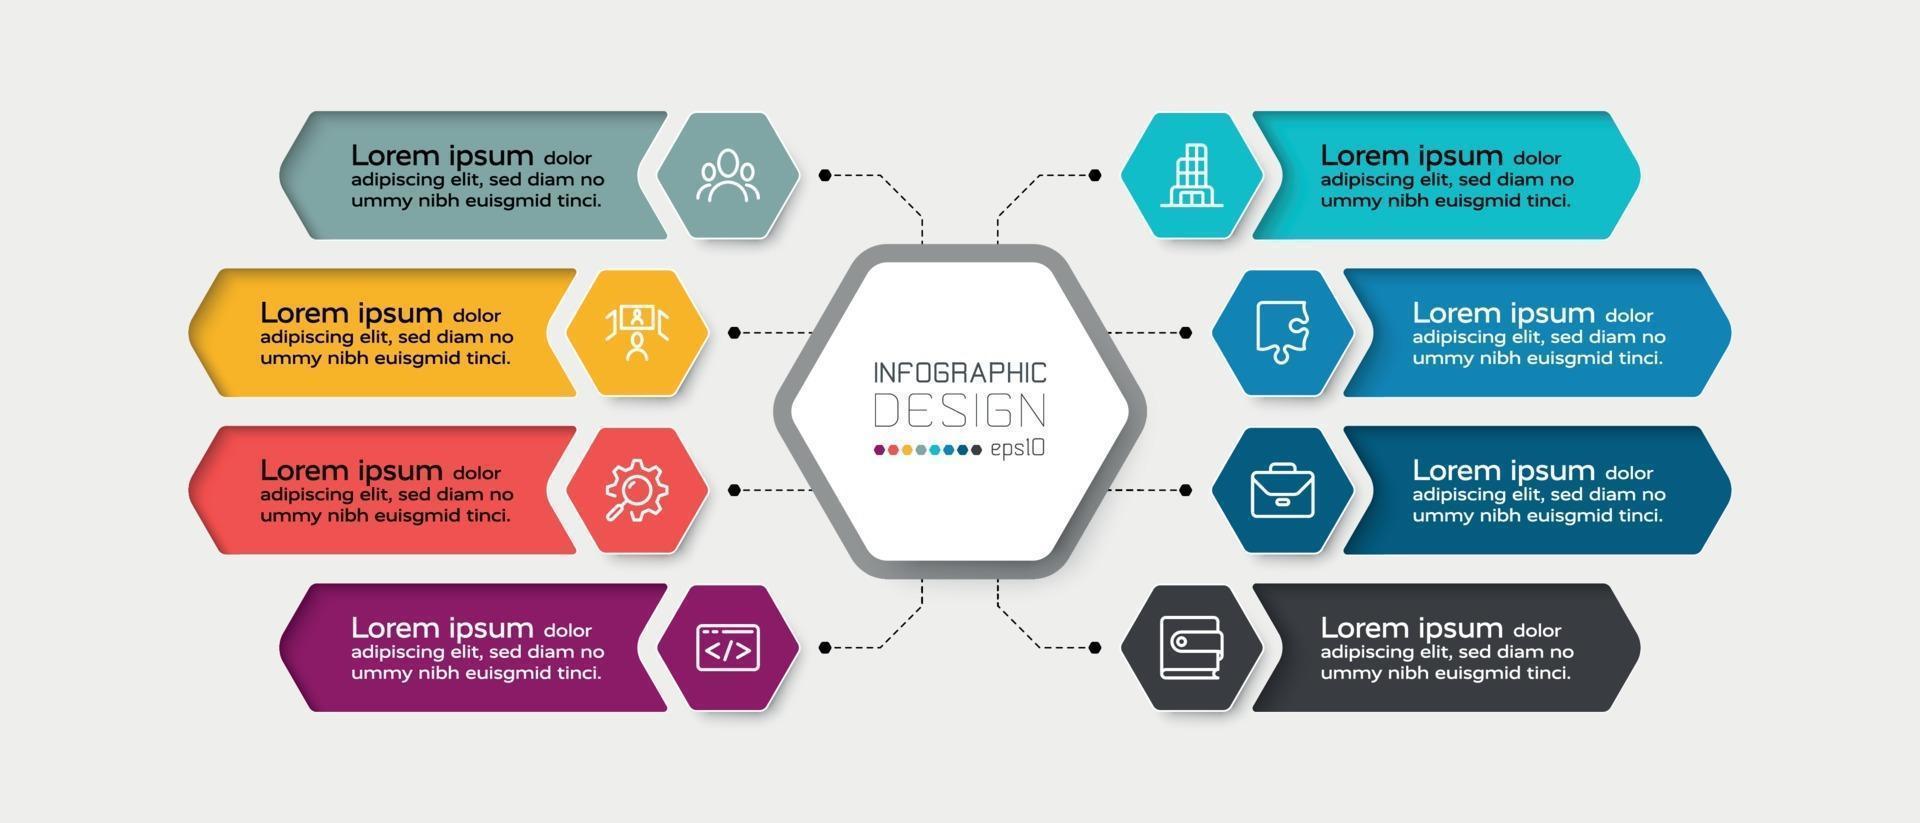 diagrammi esagonali che mostrano i risultati del lavoro, le procedure di lavoro e la pianificazione. progettazione infografica. vettore